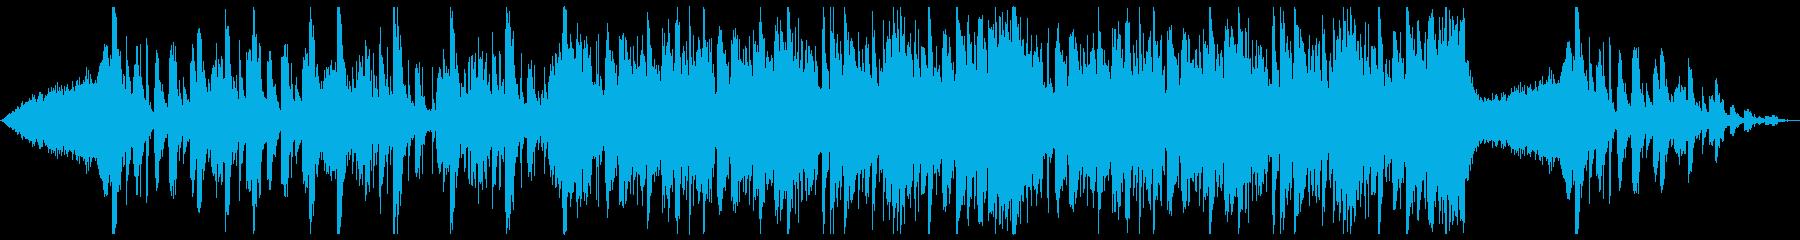 緊迫した空気感を演出する曲の再生済みの波形